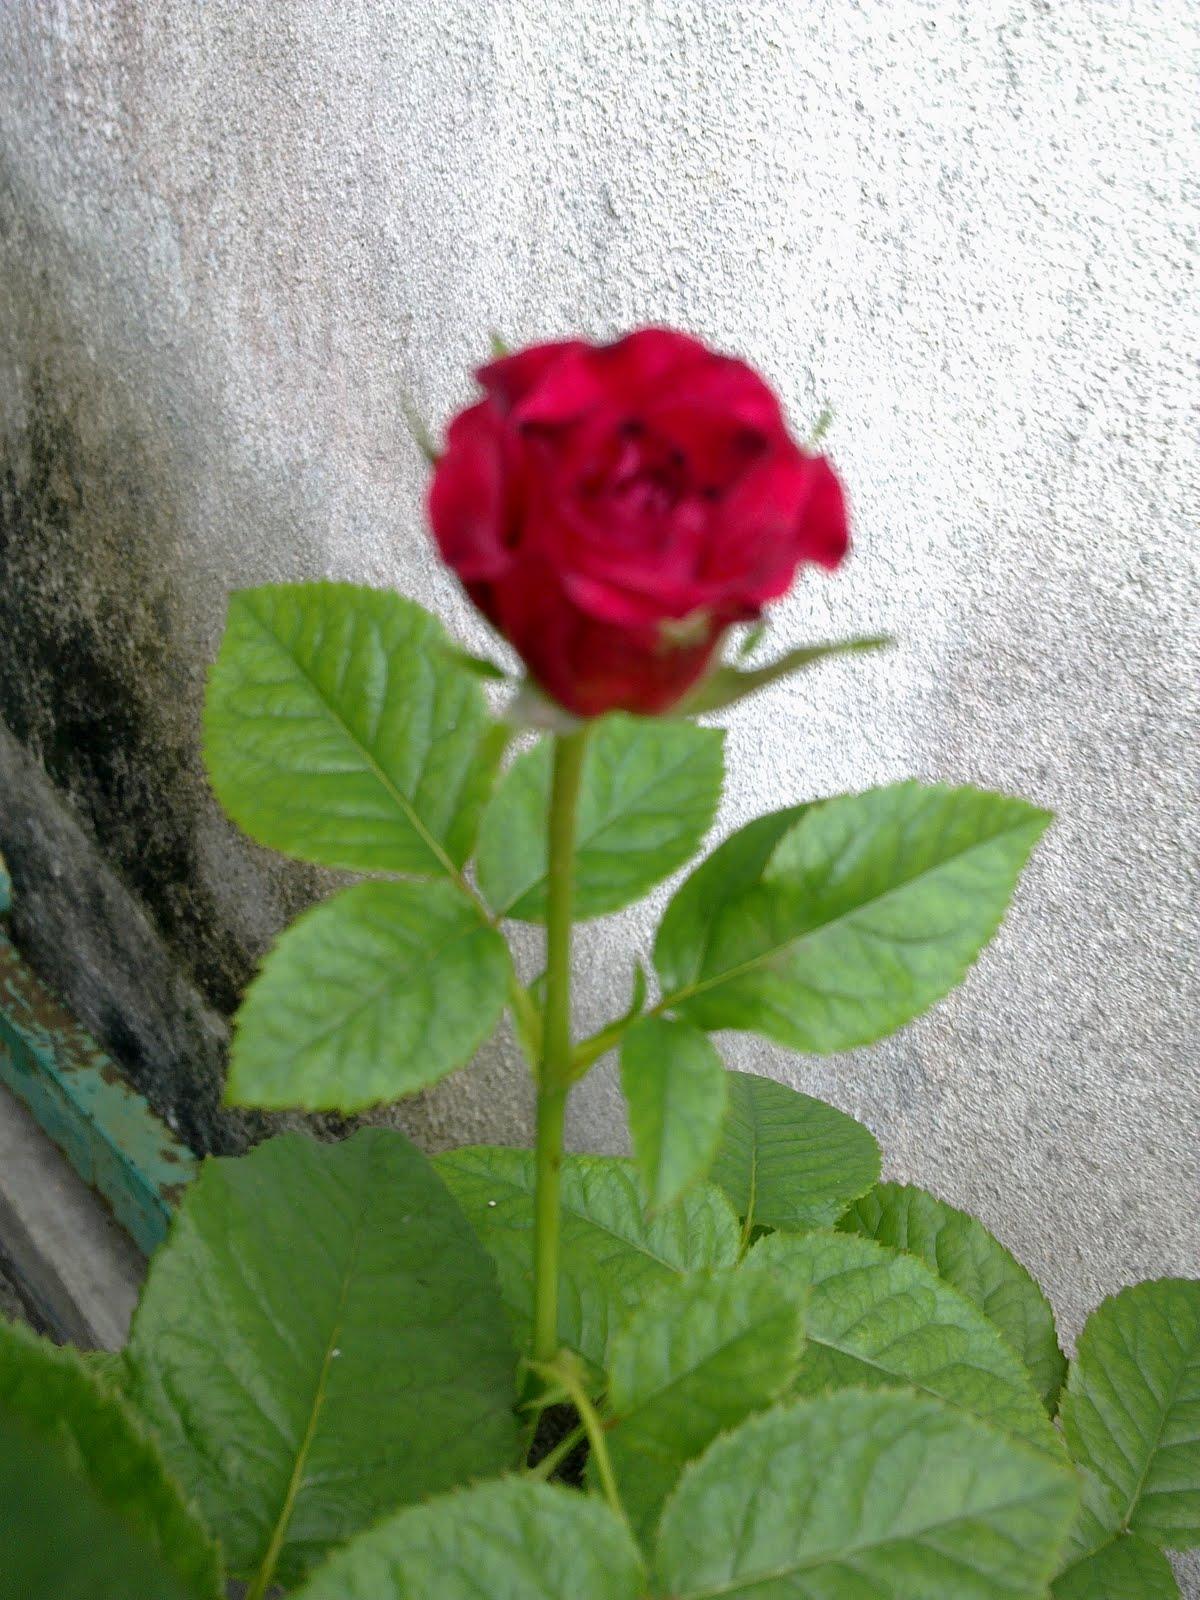 Gambar Bunga Yang Bagus Untuk Wallpaper